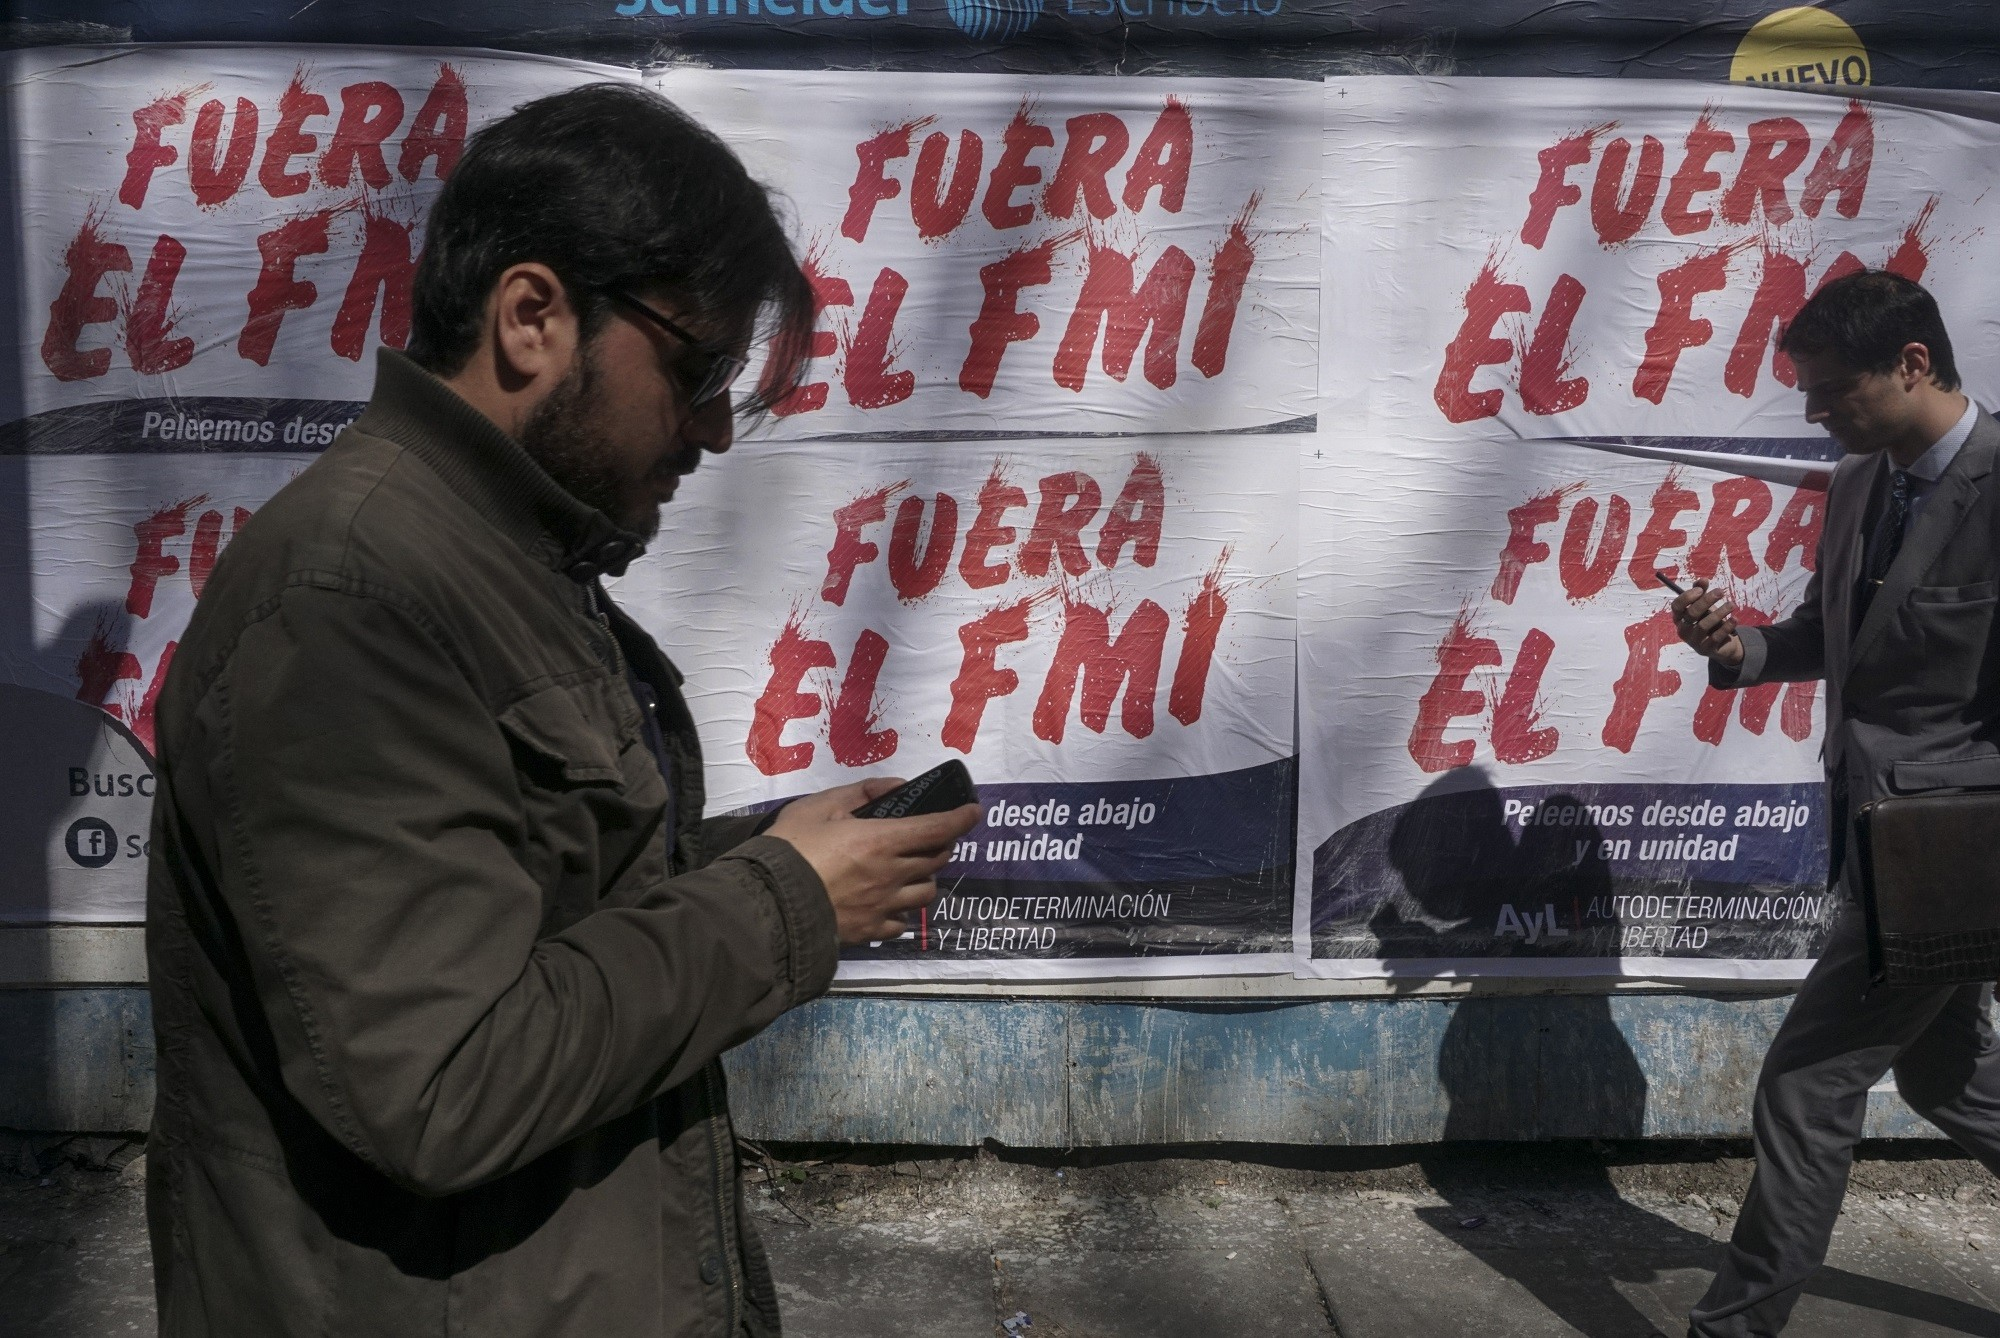 Desemprego na Argentina cresce no segundo trimestre e chega a 9,6%